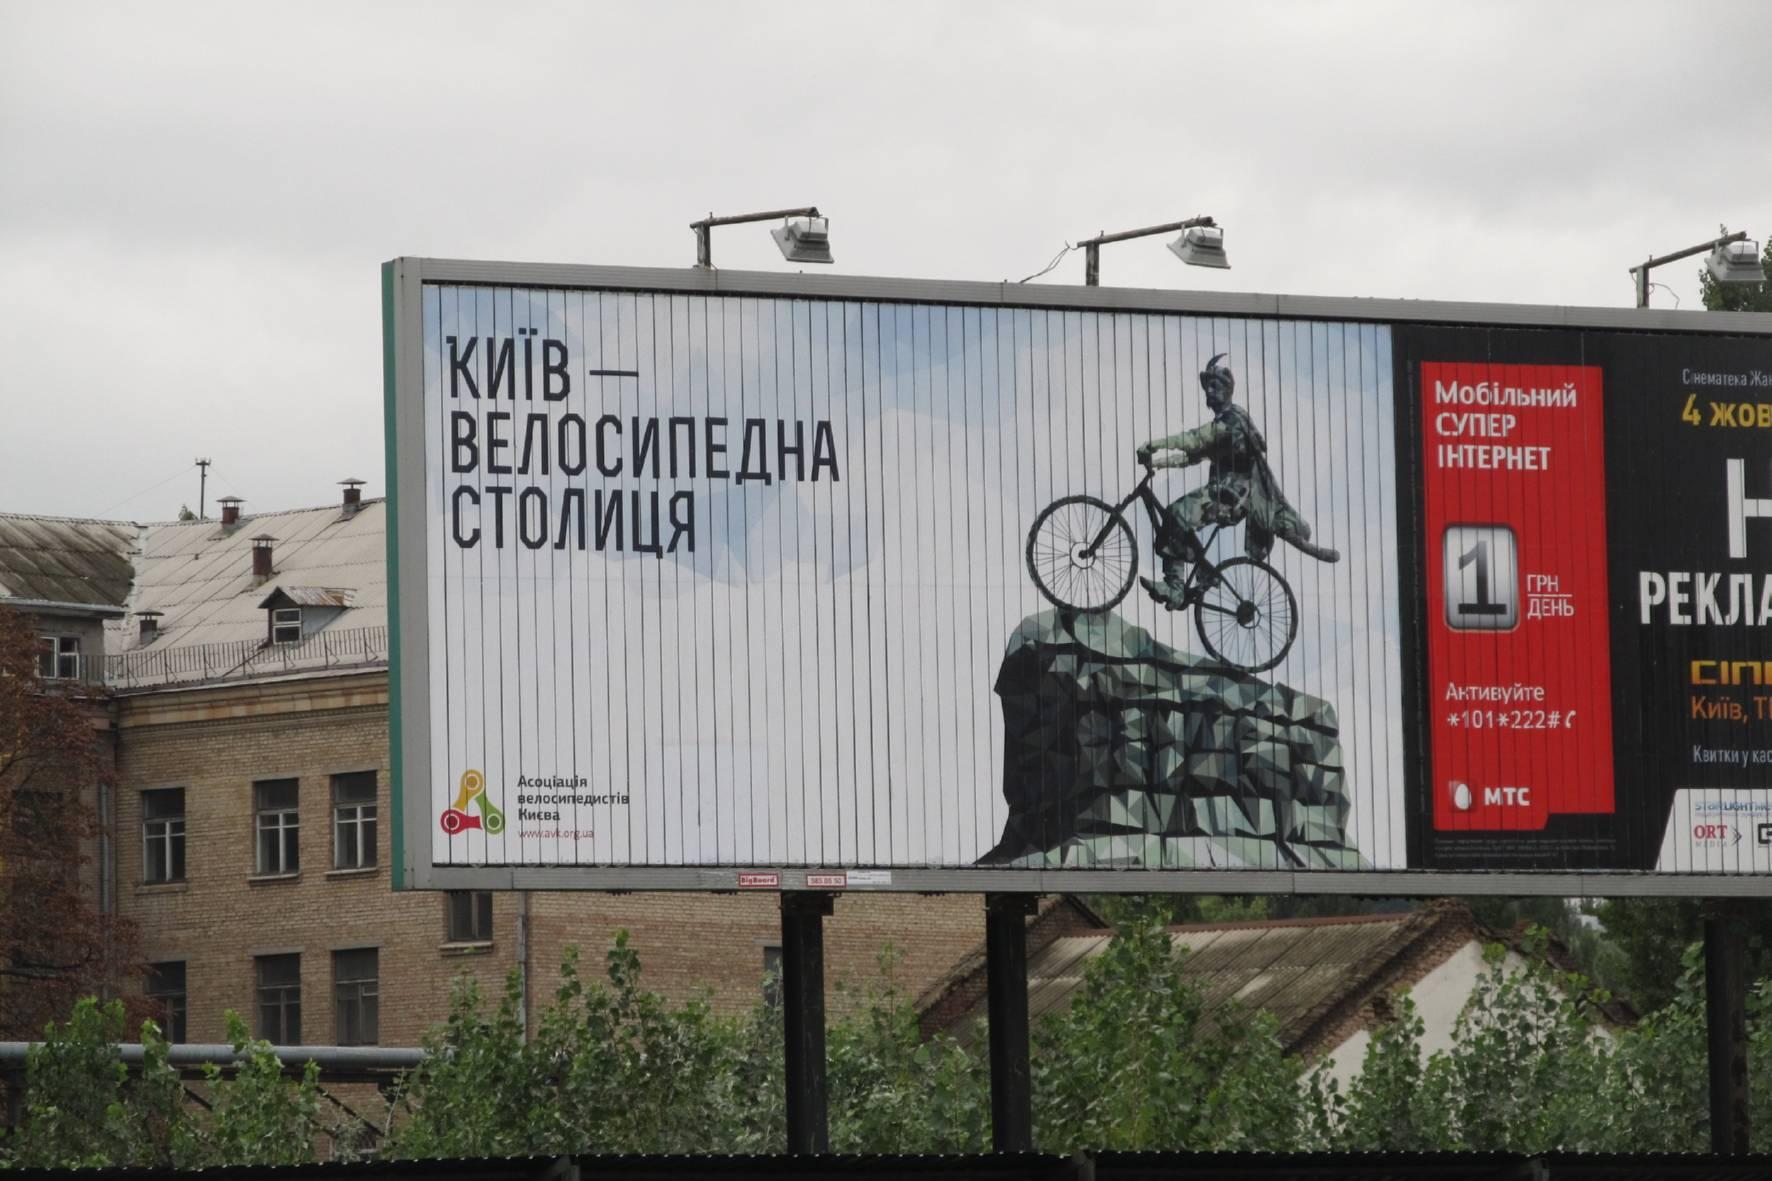 http://socialadvertising.com.ua/upload/iblock/0e3/0e322c0476ef49ccd2360b2696f05ca6.jpg